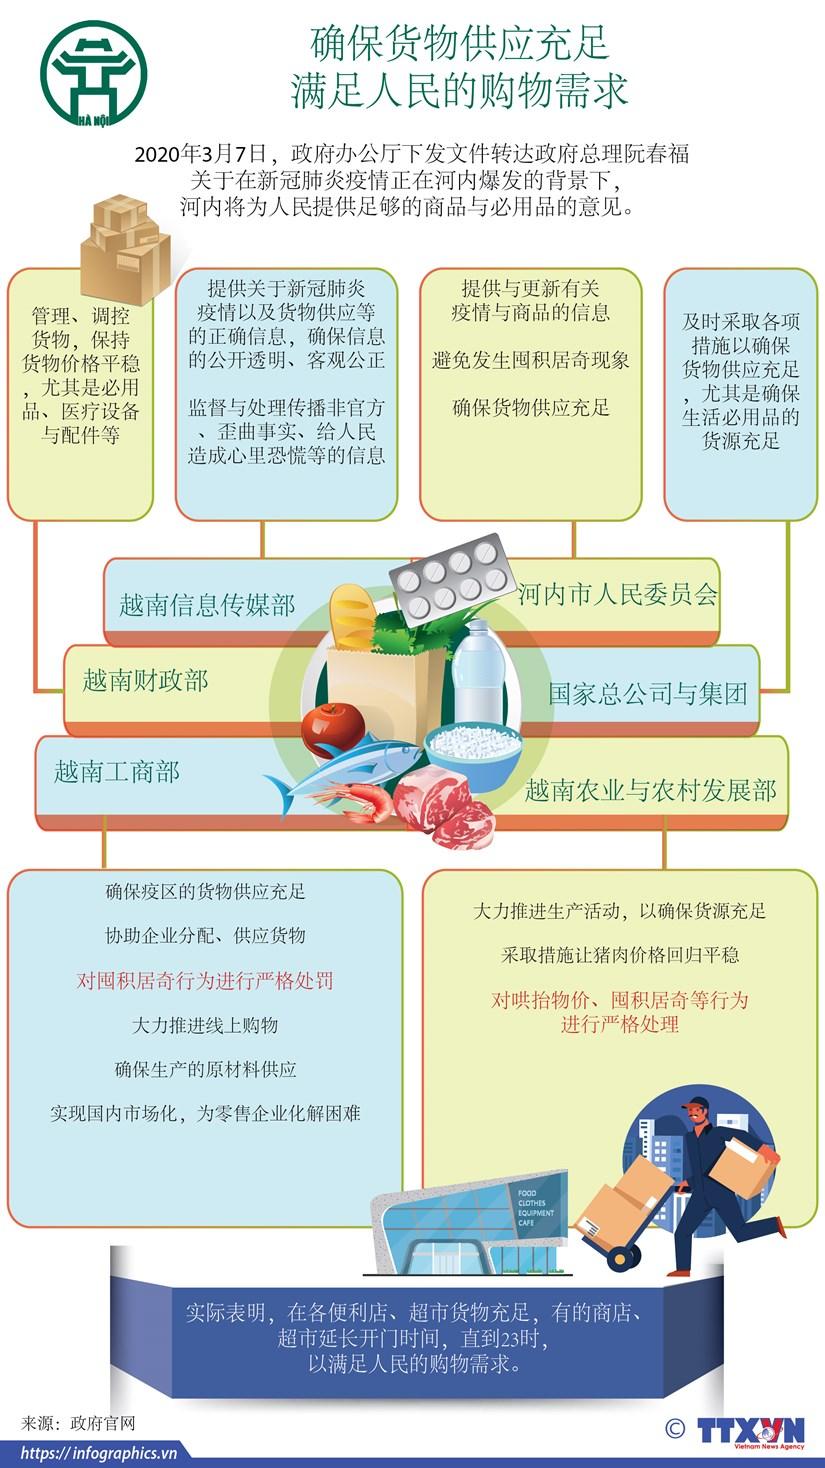 图表新闻:河内市政府:确保货物供应充足以满足人民的购物需求 hinh anh 1